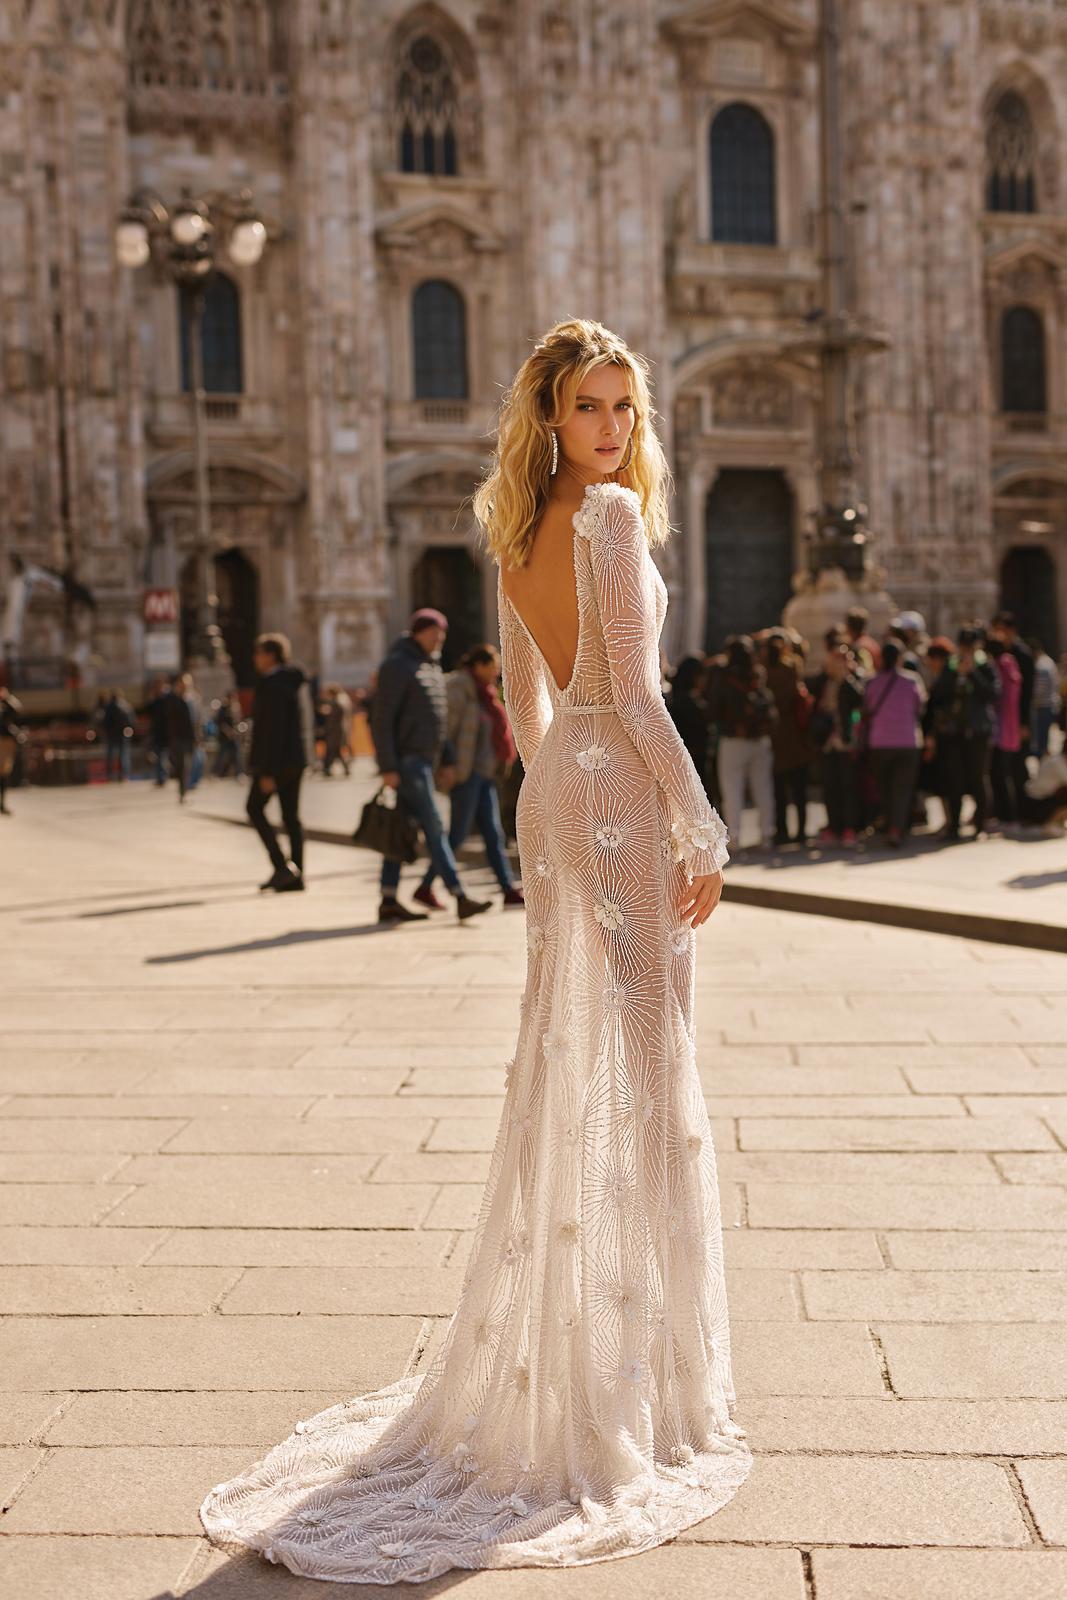 Svadobné šaty jar/leto 2020 BERTA Miláno - Obrázok č. 47